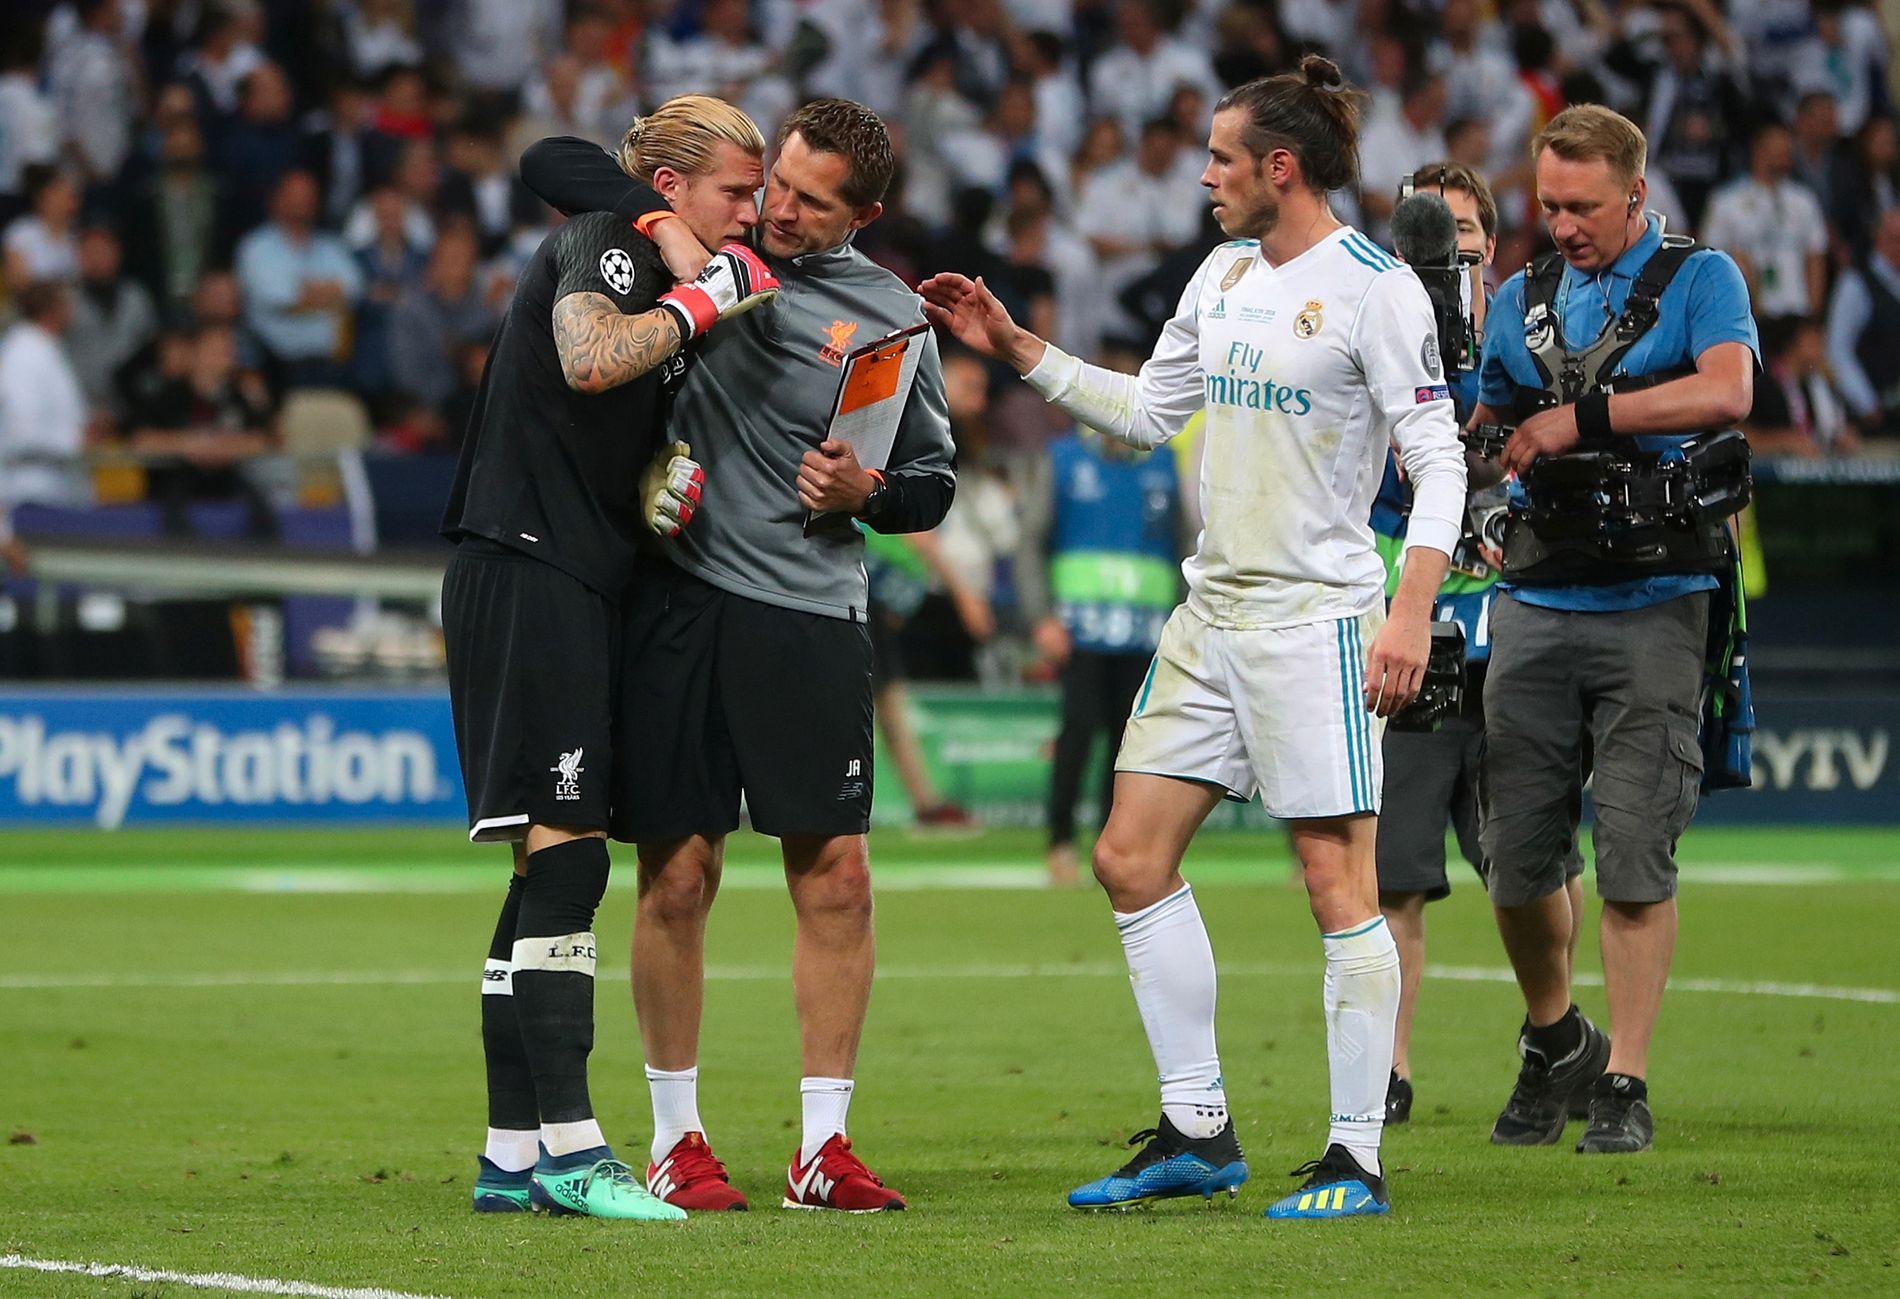 TRØSTET: Gareth Bale scoret to mål, og etterpå var han en av de første som trøstet Liverpool-keeper Loris Karius.